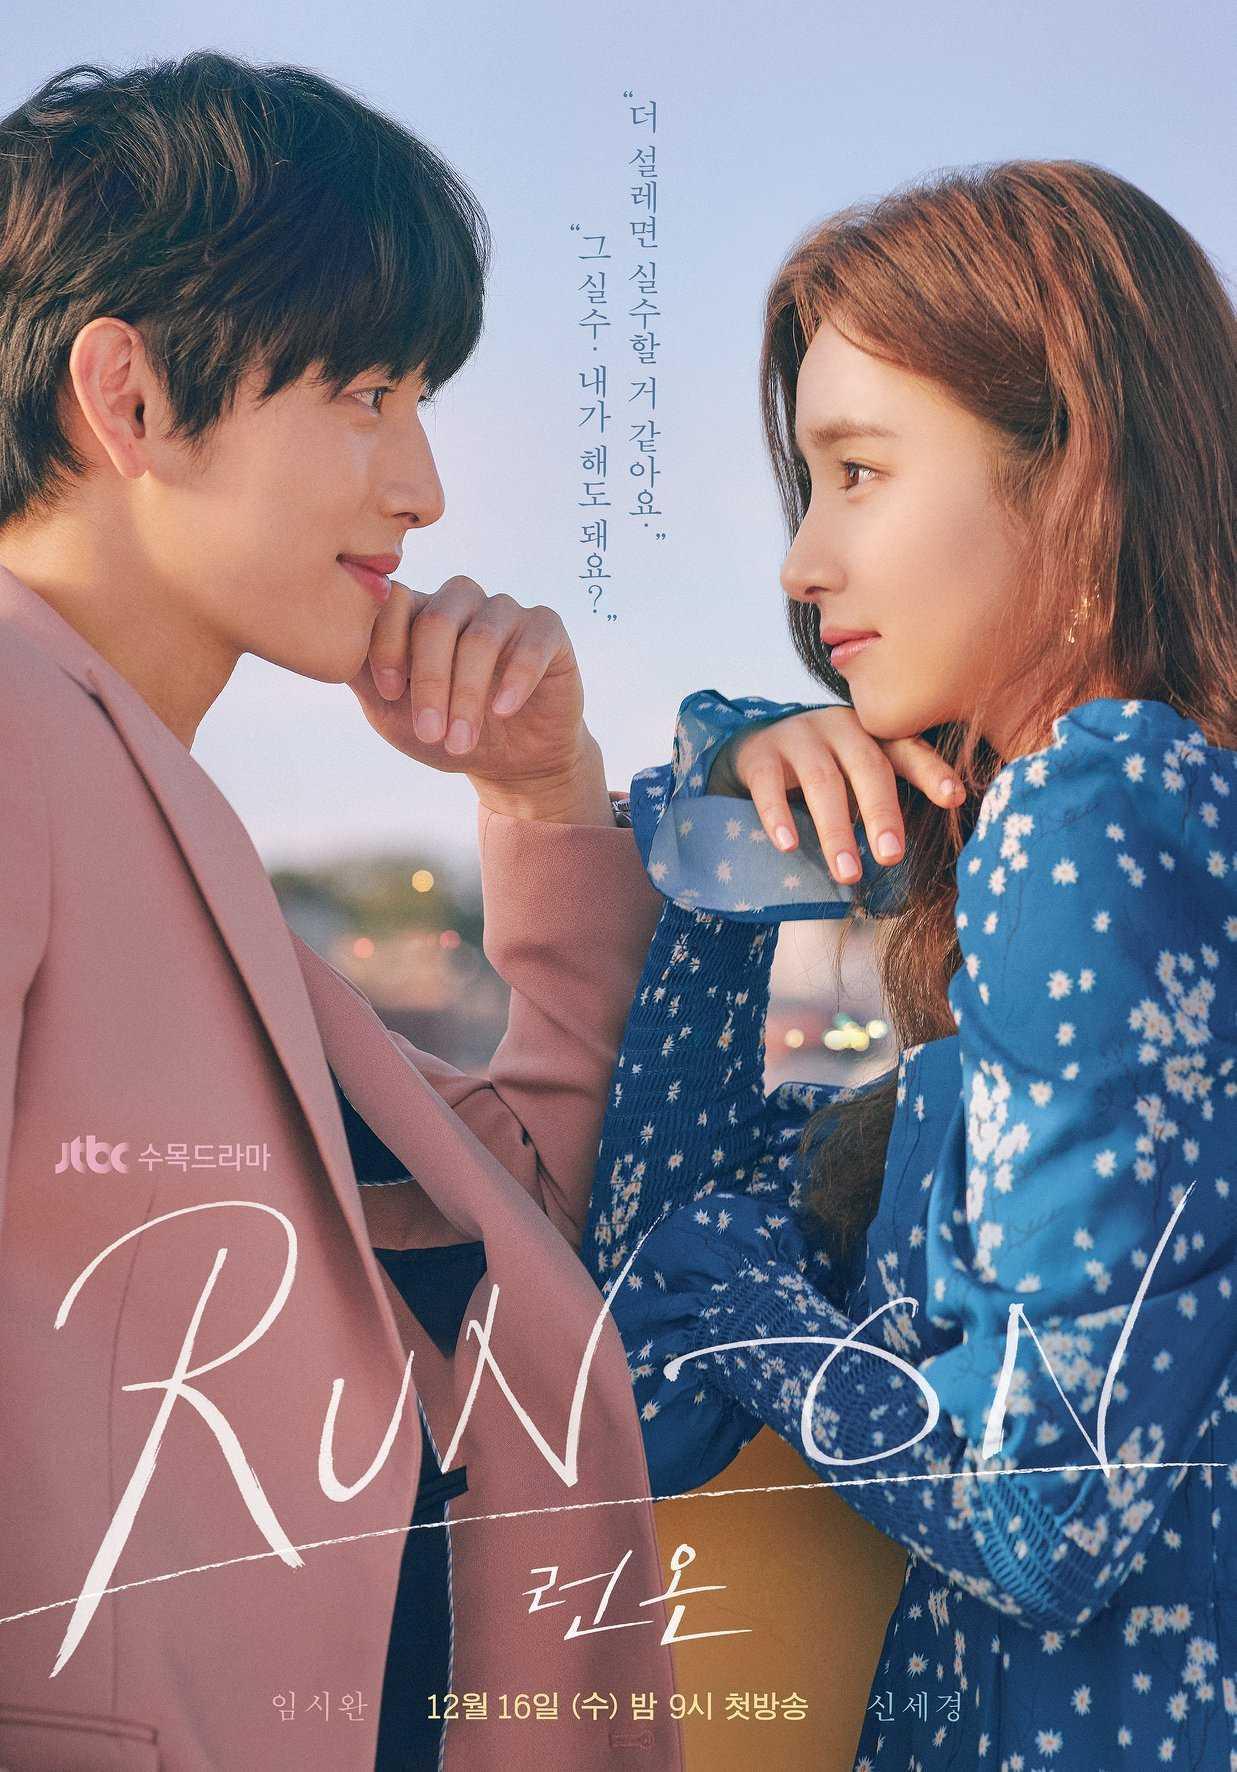 run-on-วิ่งนำรัก-2020-ตอนที่-1-16-ซับไทย-จบ-